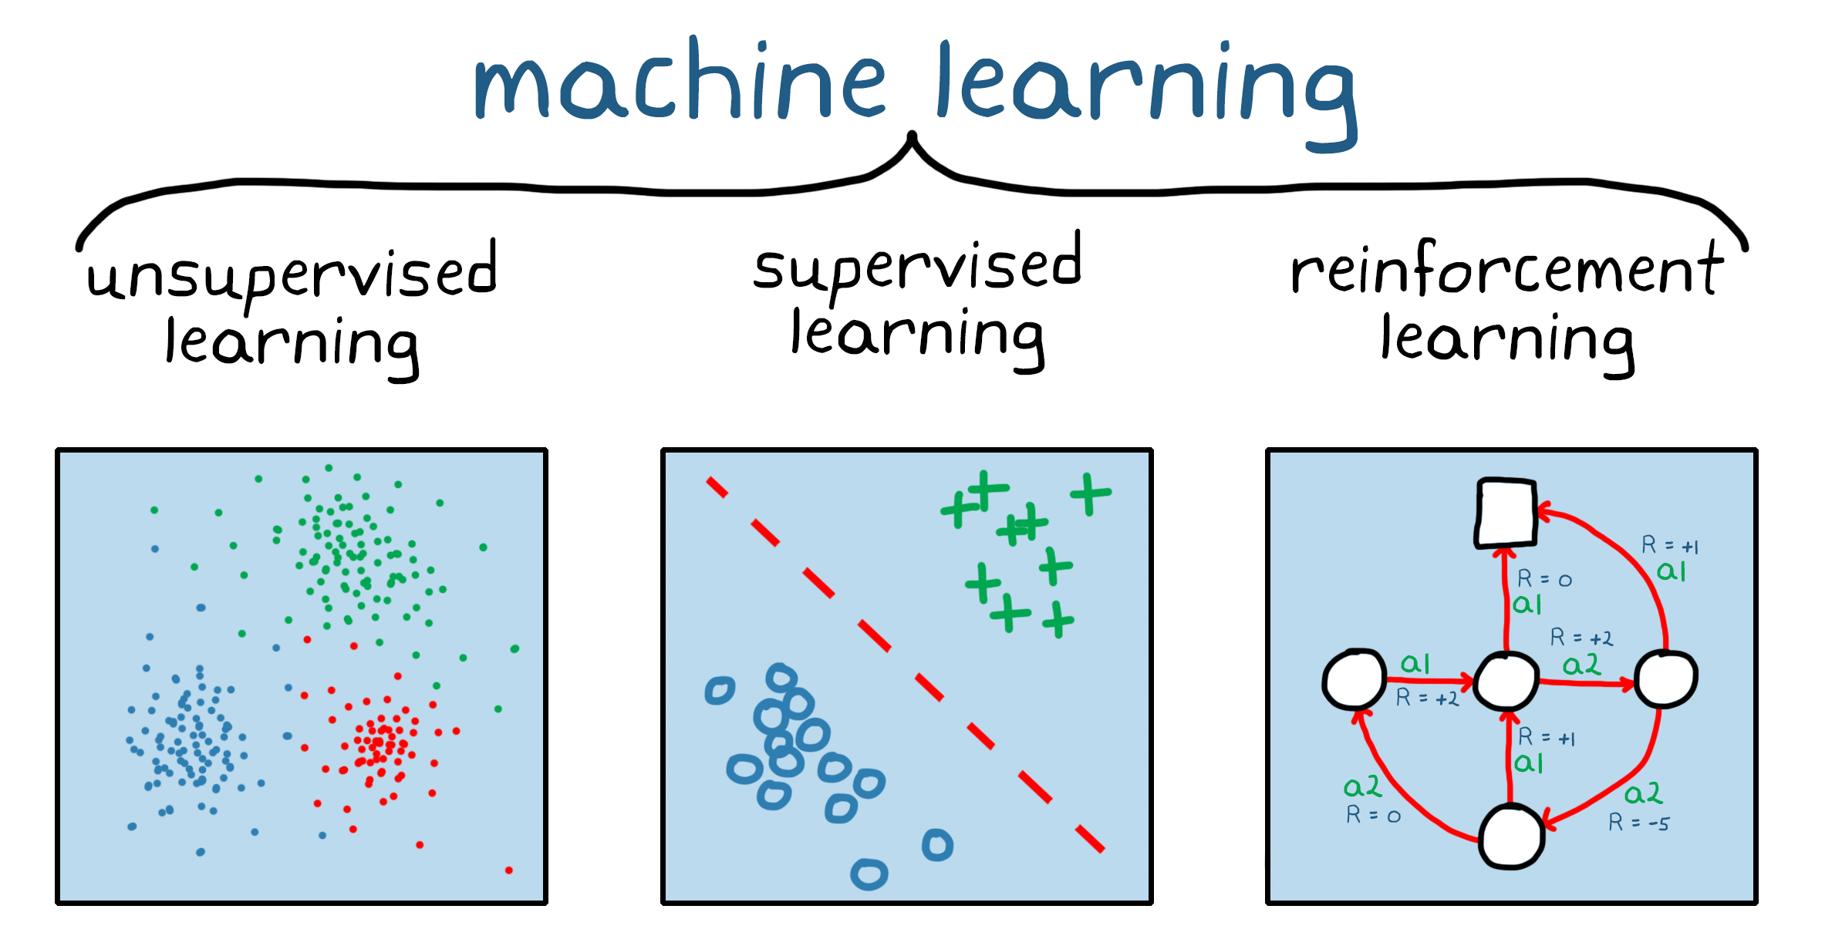 그림 1. 세 가지 머신러닝: 비지도 학습, 지도 학습 및 강화학습